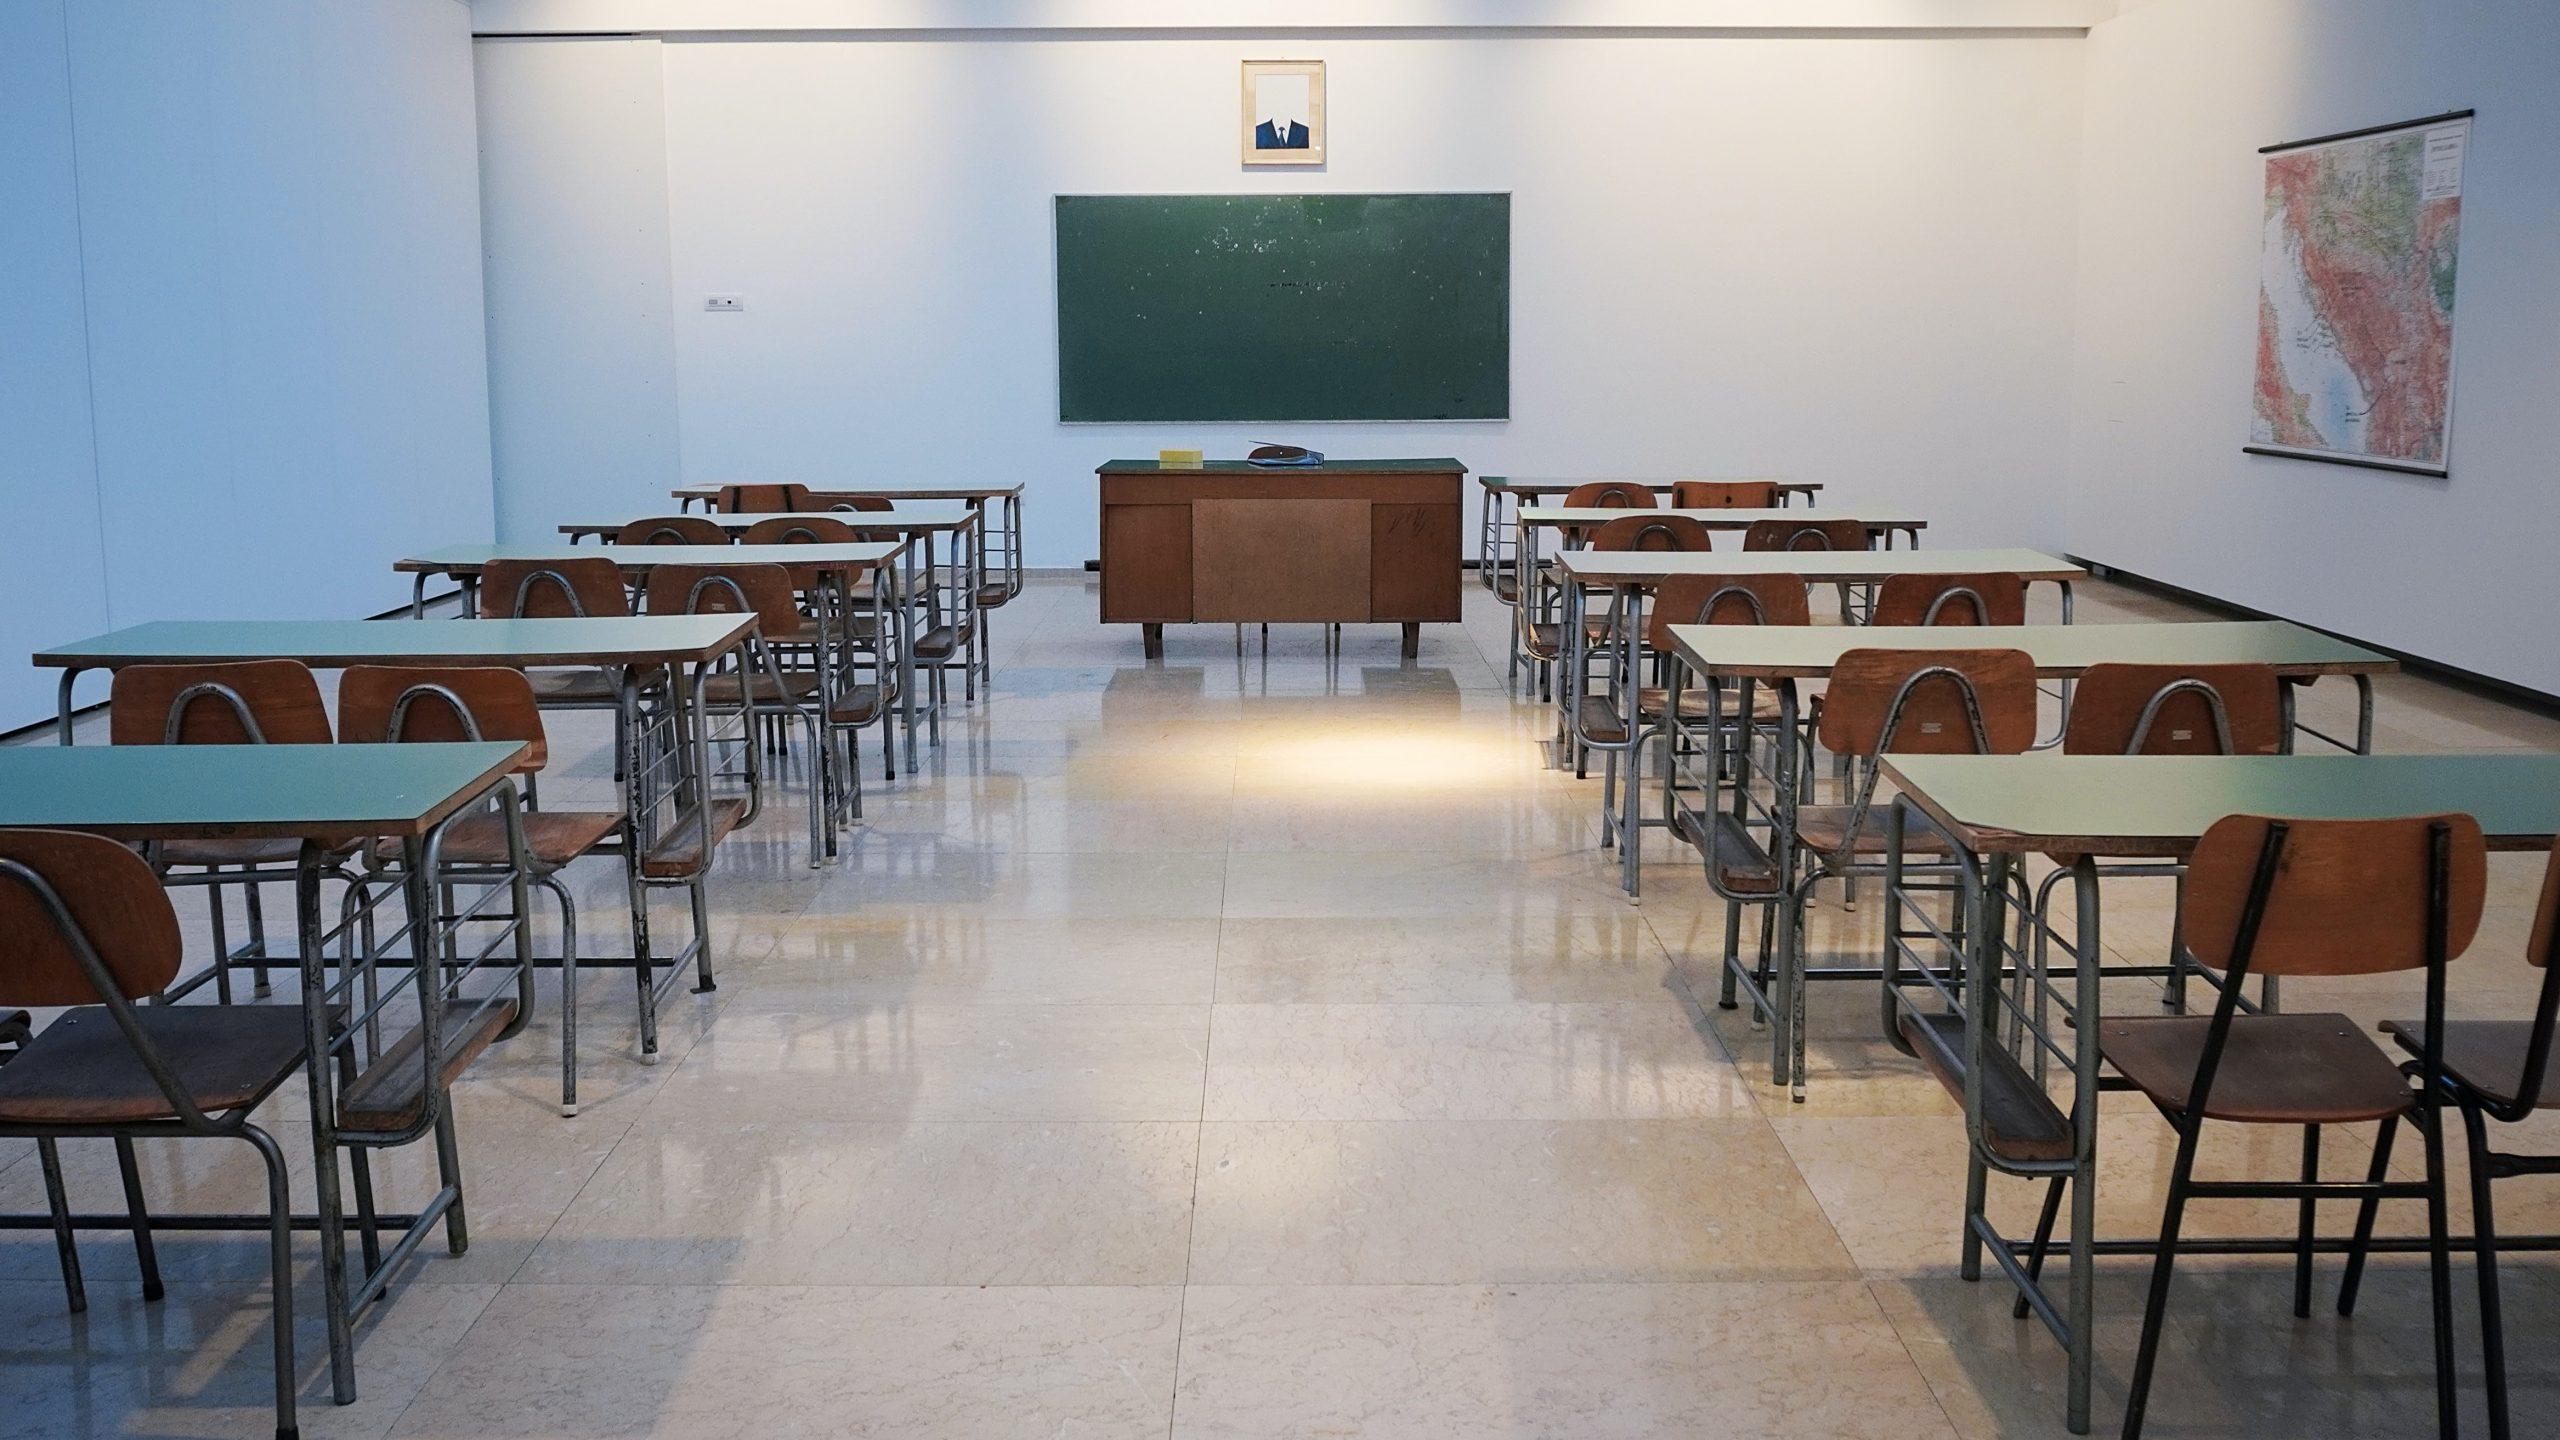 metode-de-prevenire-a-infectiilor-in-scoli